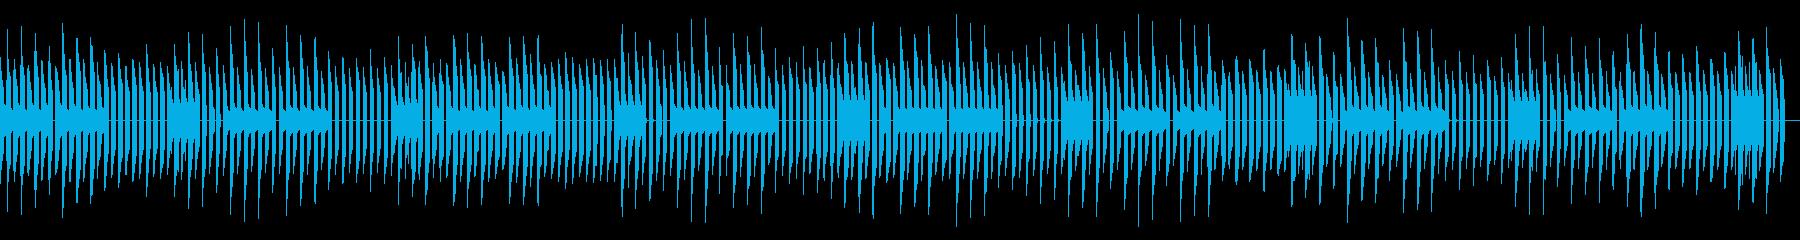 かえるの合唱 (ファミコン)の再生済みの波形